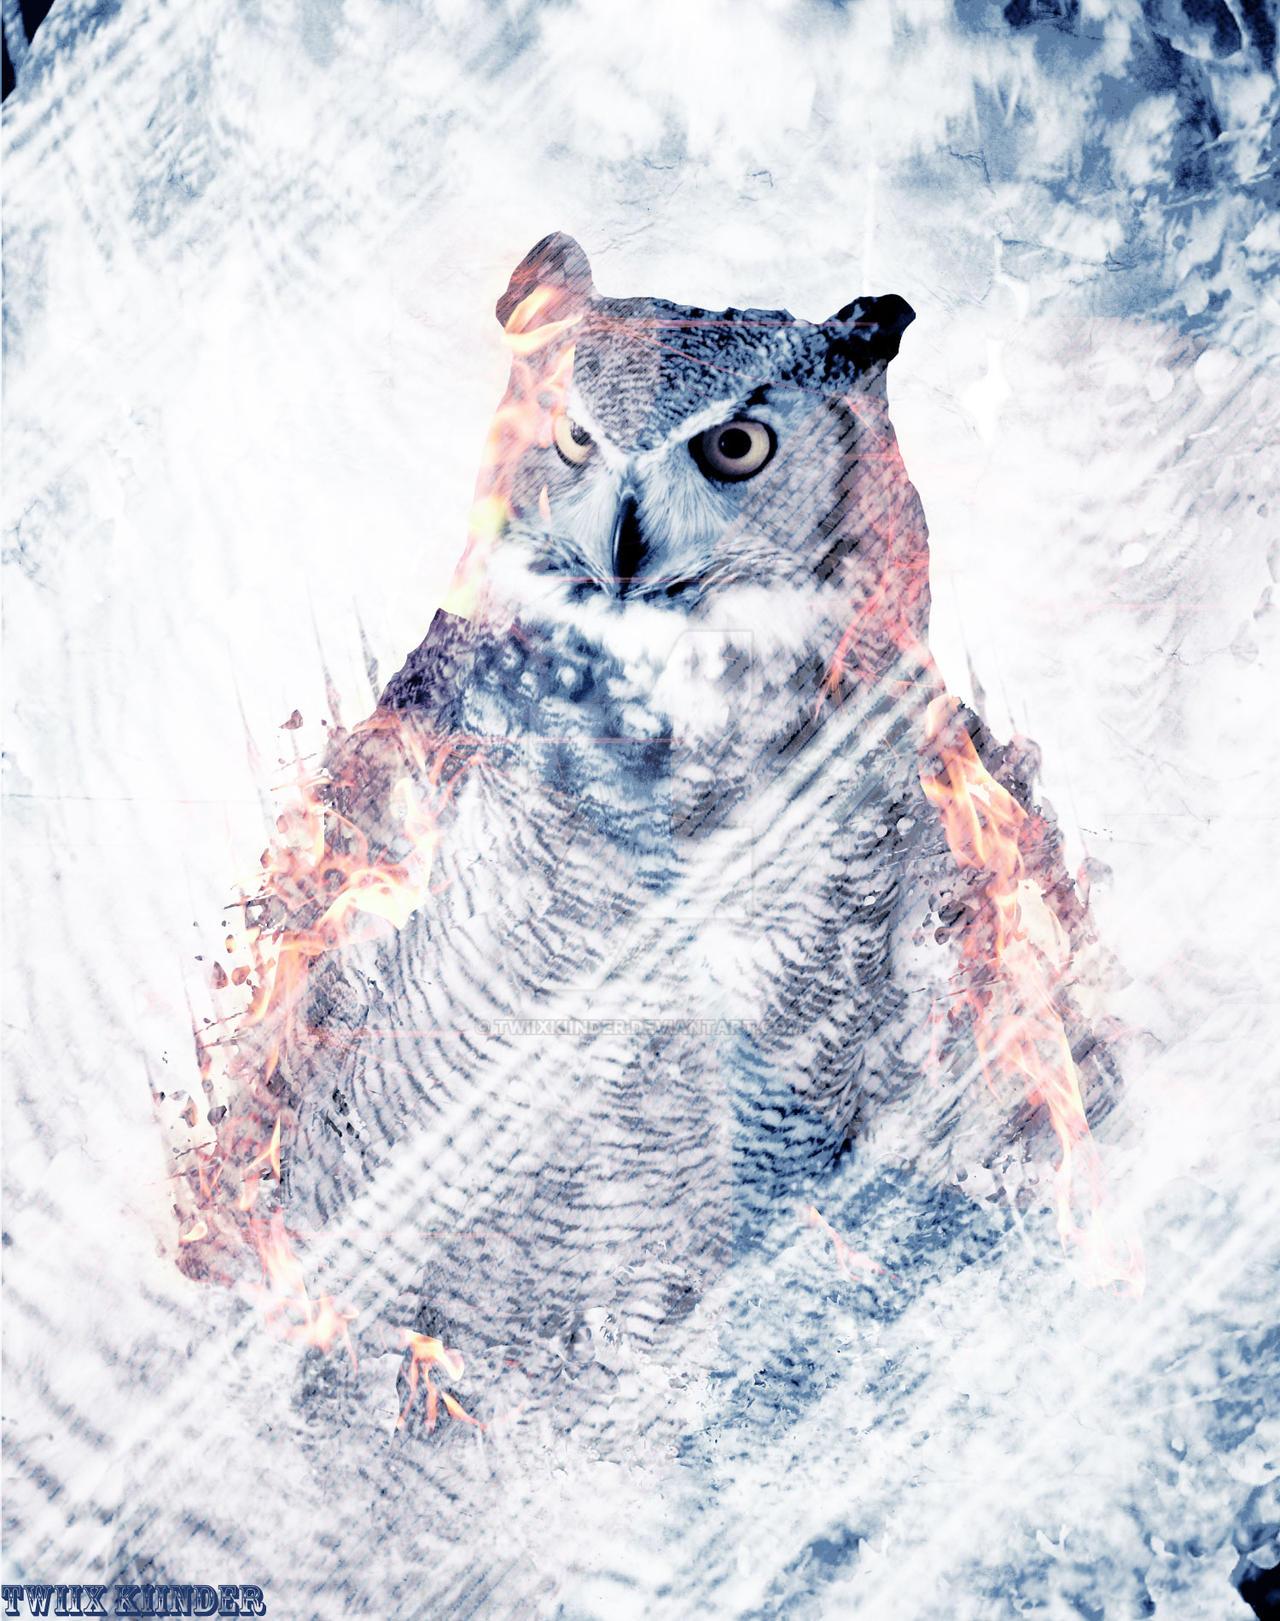 Owl 3 by TwiixKiinder